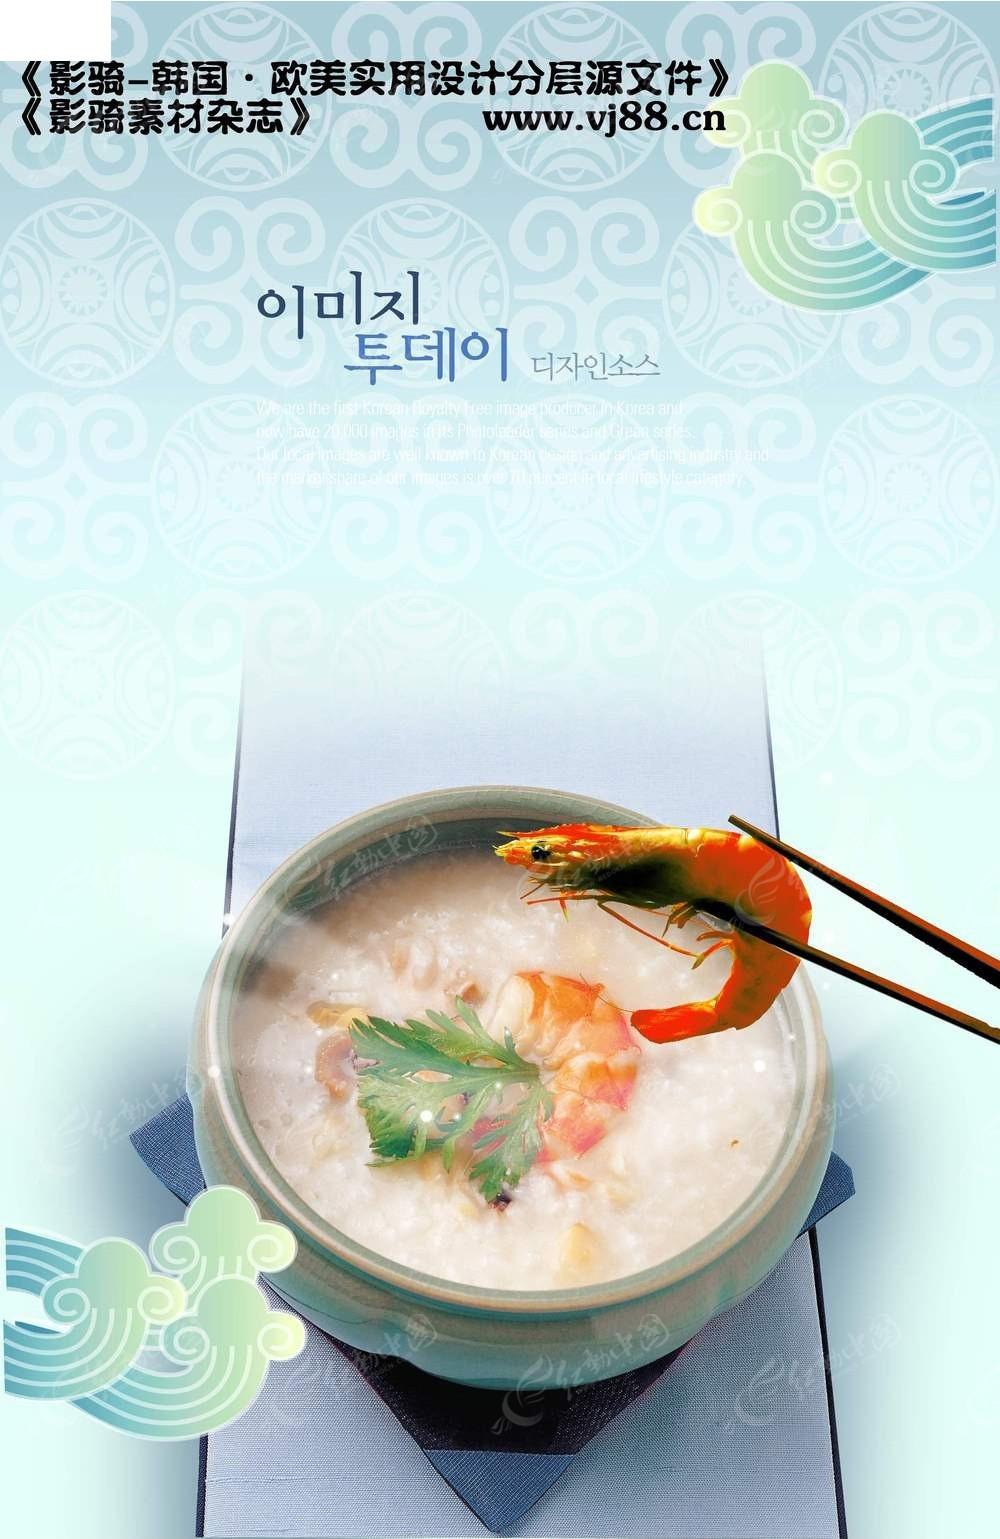 海鲜粥美食菜单设计图片